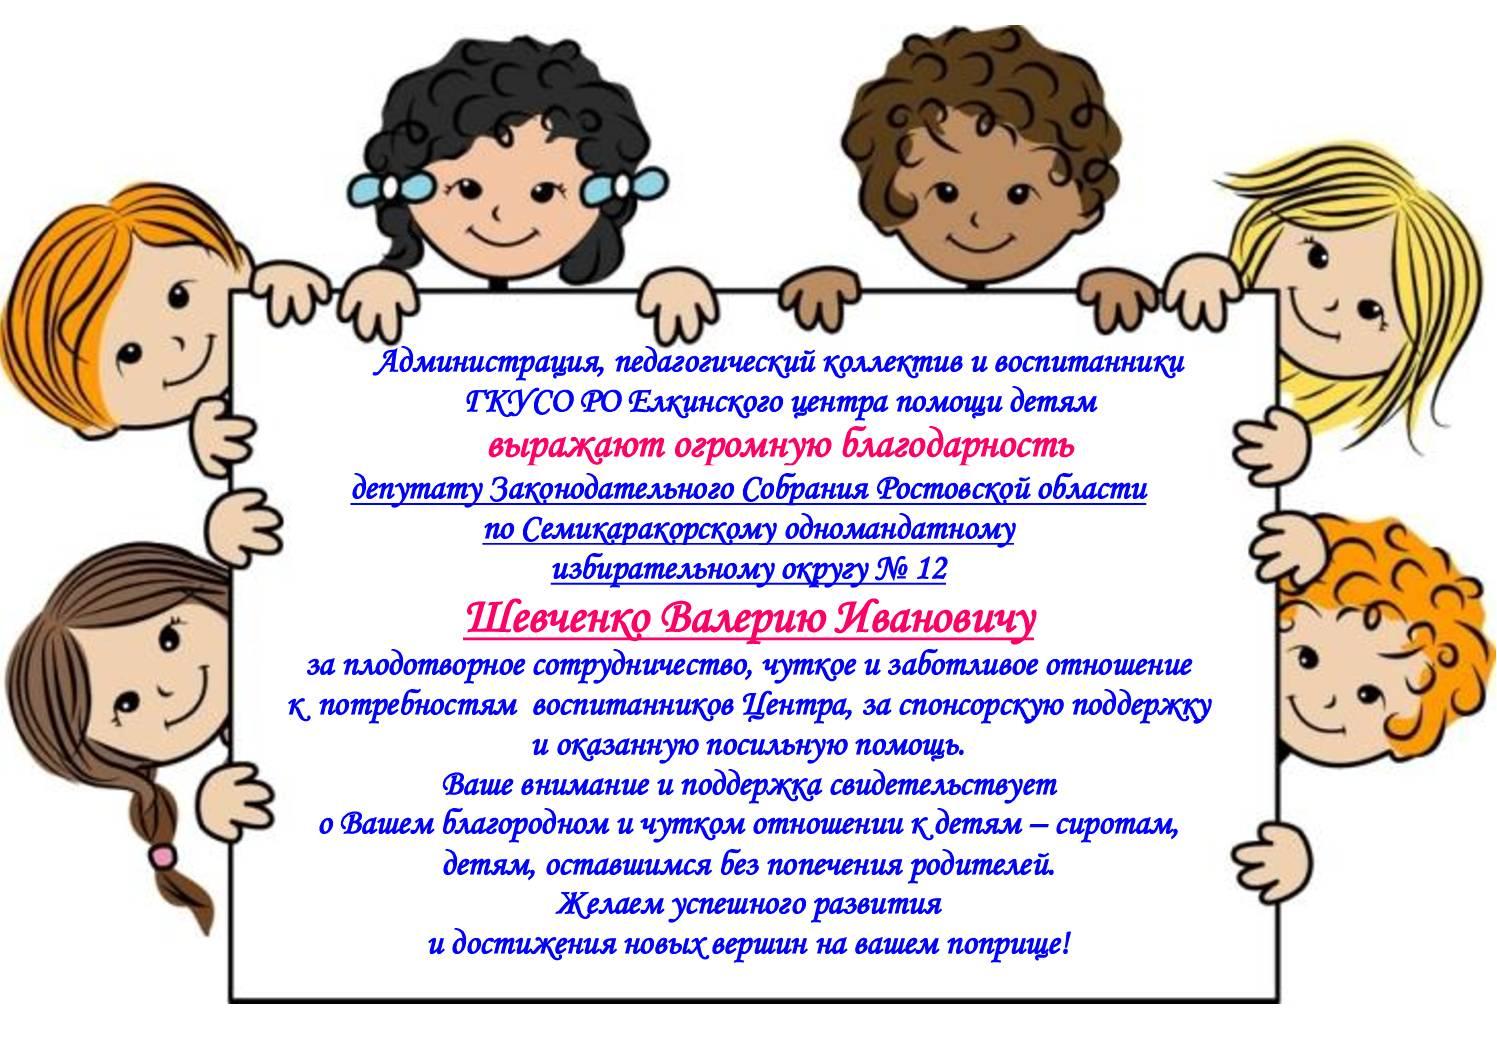 Благодарность Шевченко Валерию Ивановичу